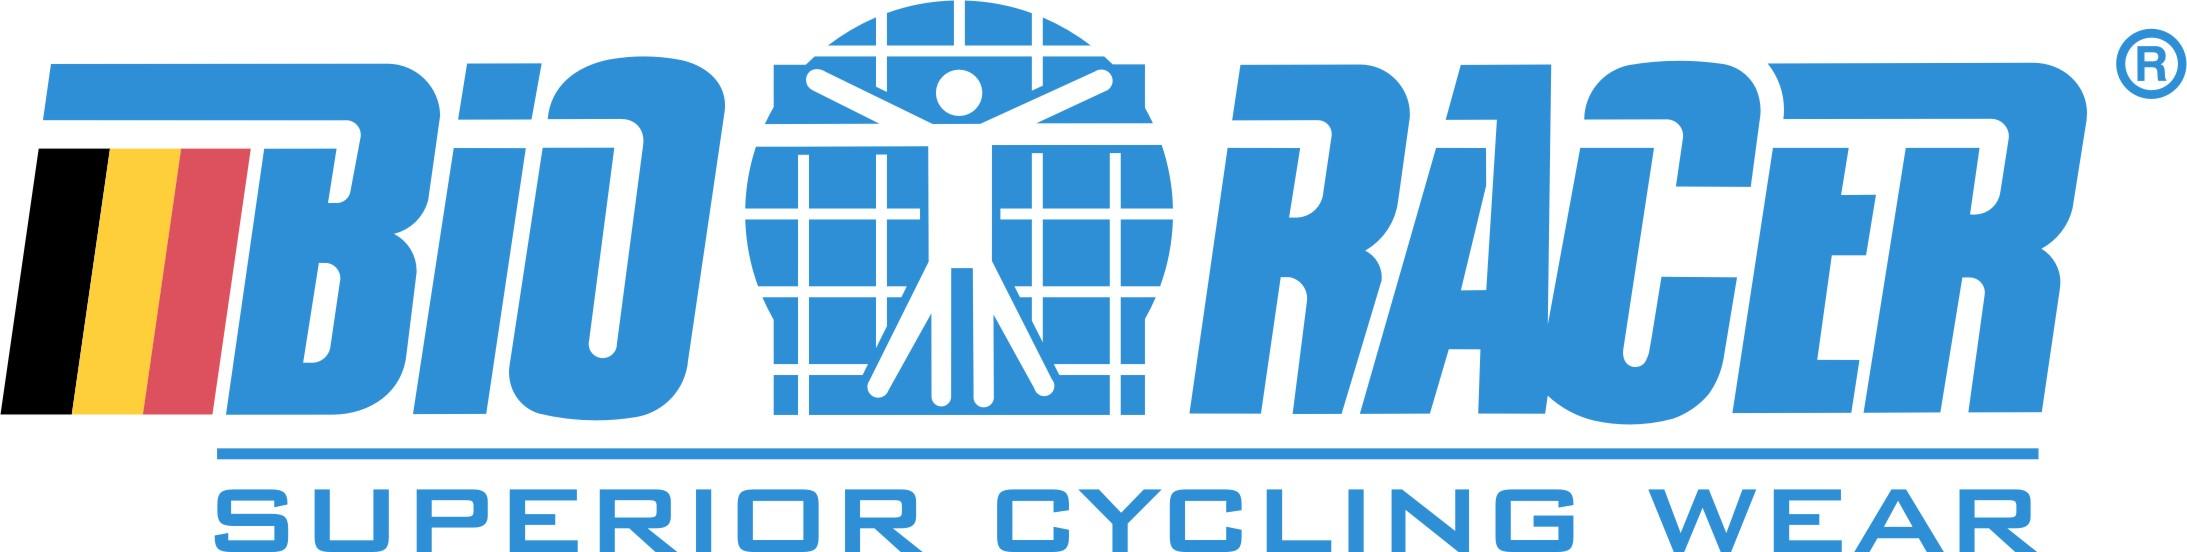 Logo-Bioracer-sup-wearjpg